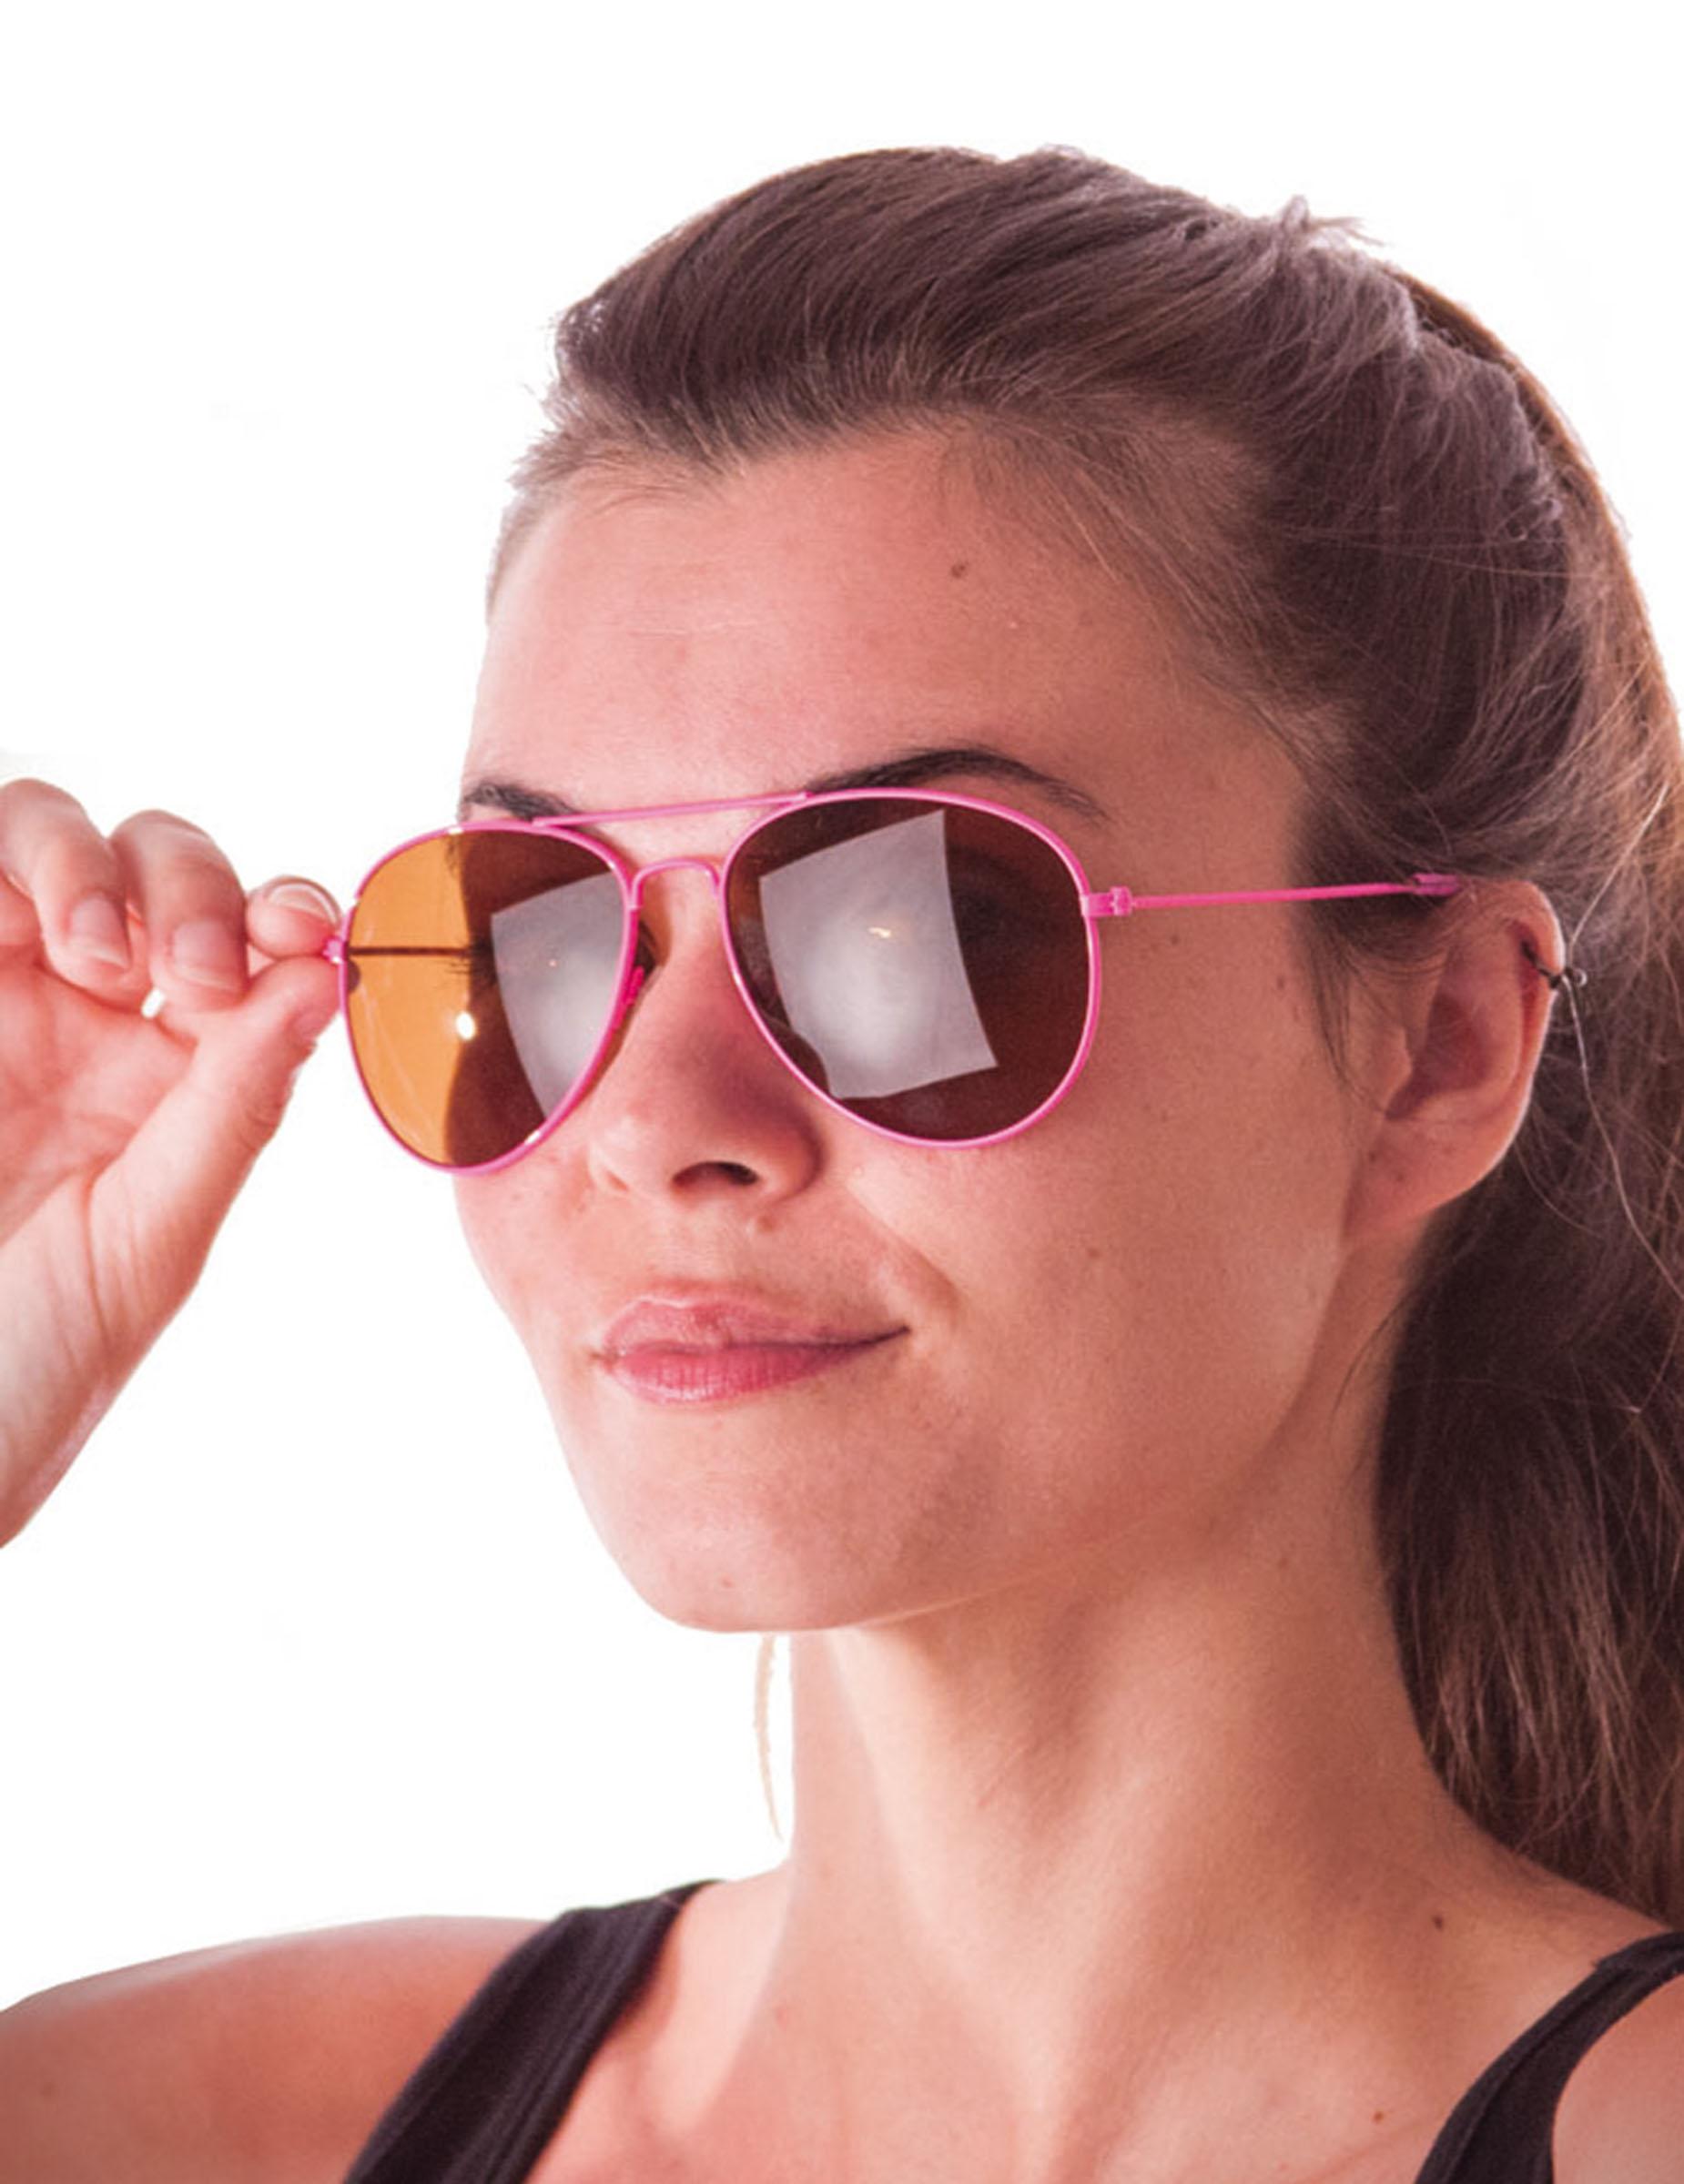 b4a30eb36 Óculos aviador cor-de-rosa fluo adulto: Acessórios,mascarilhas e ...